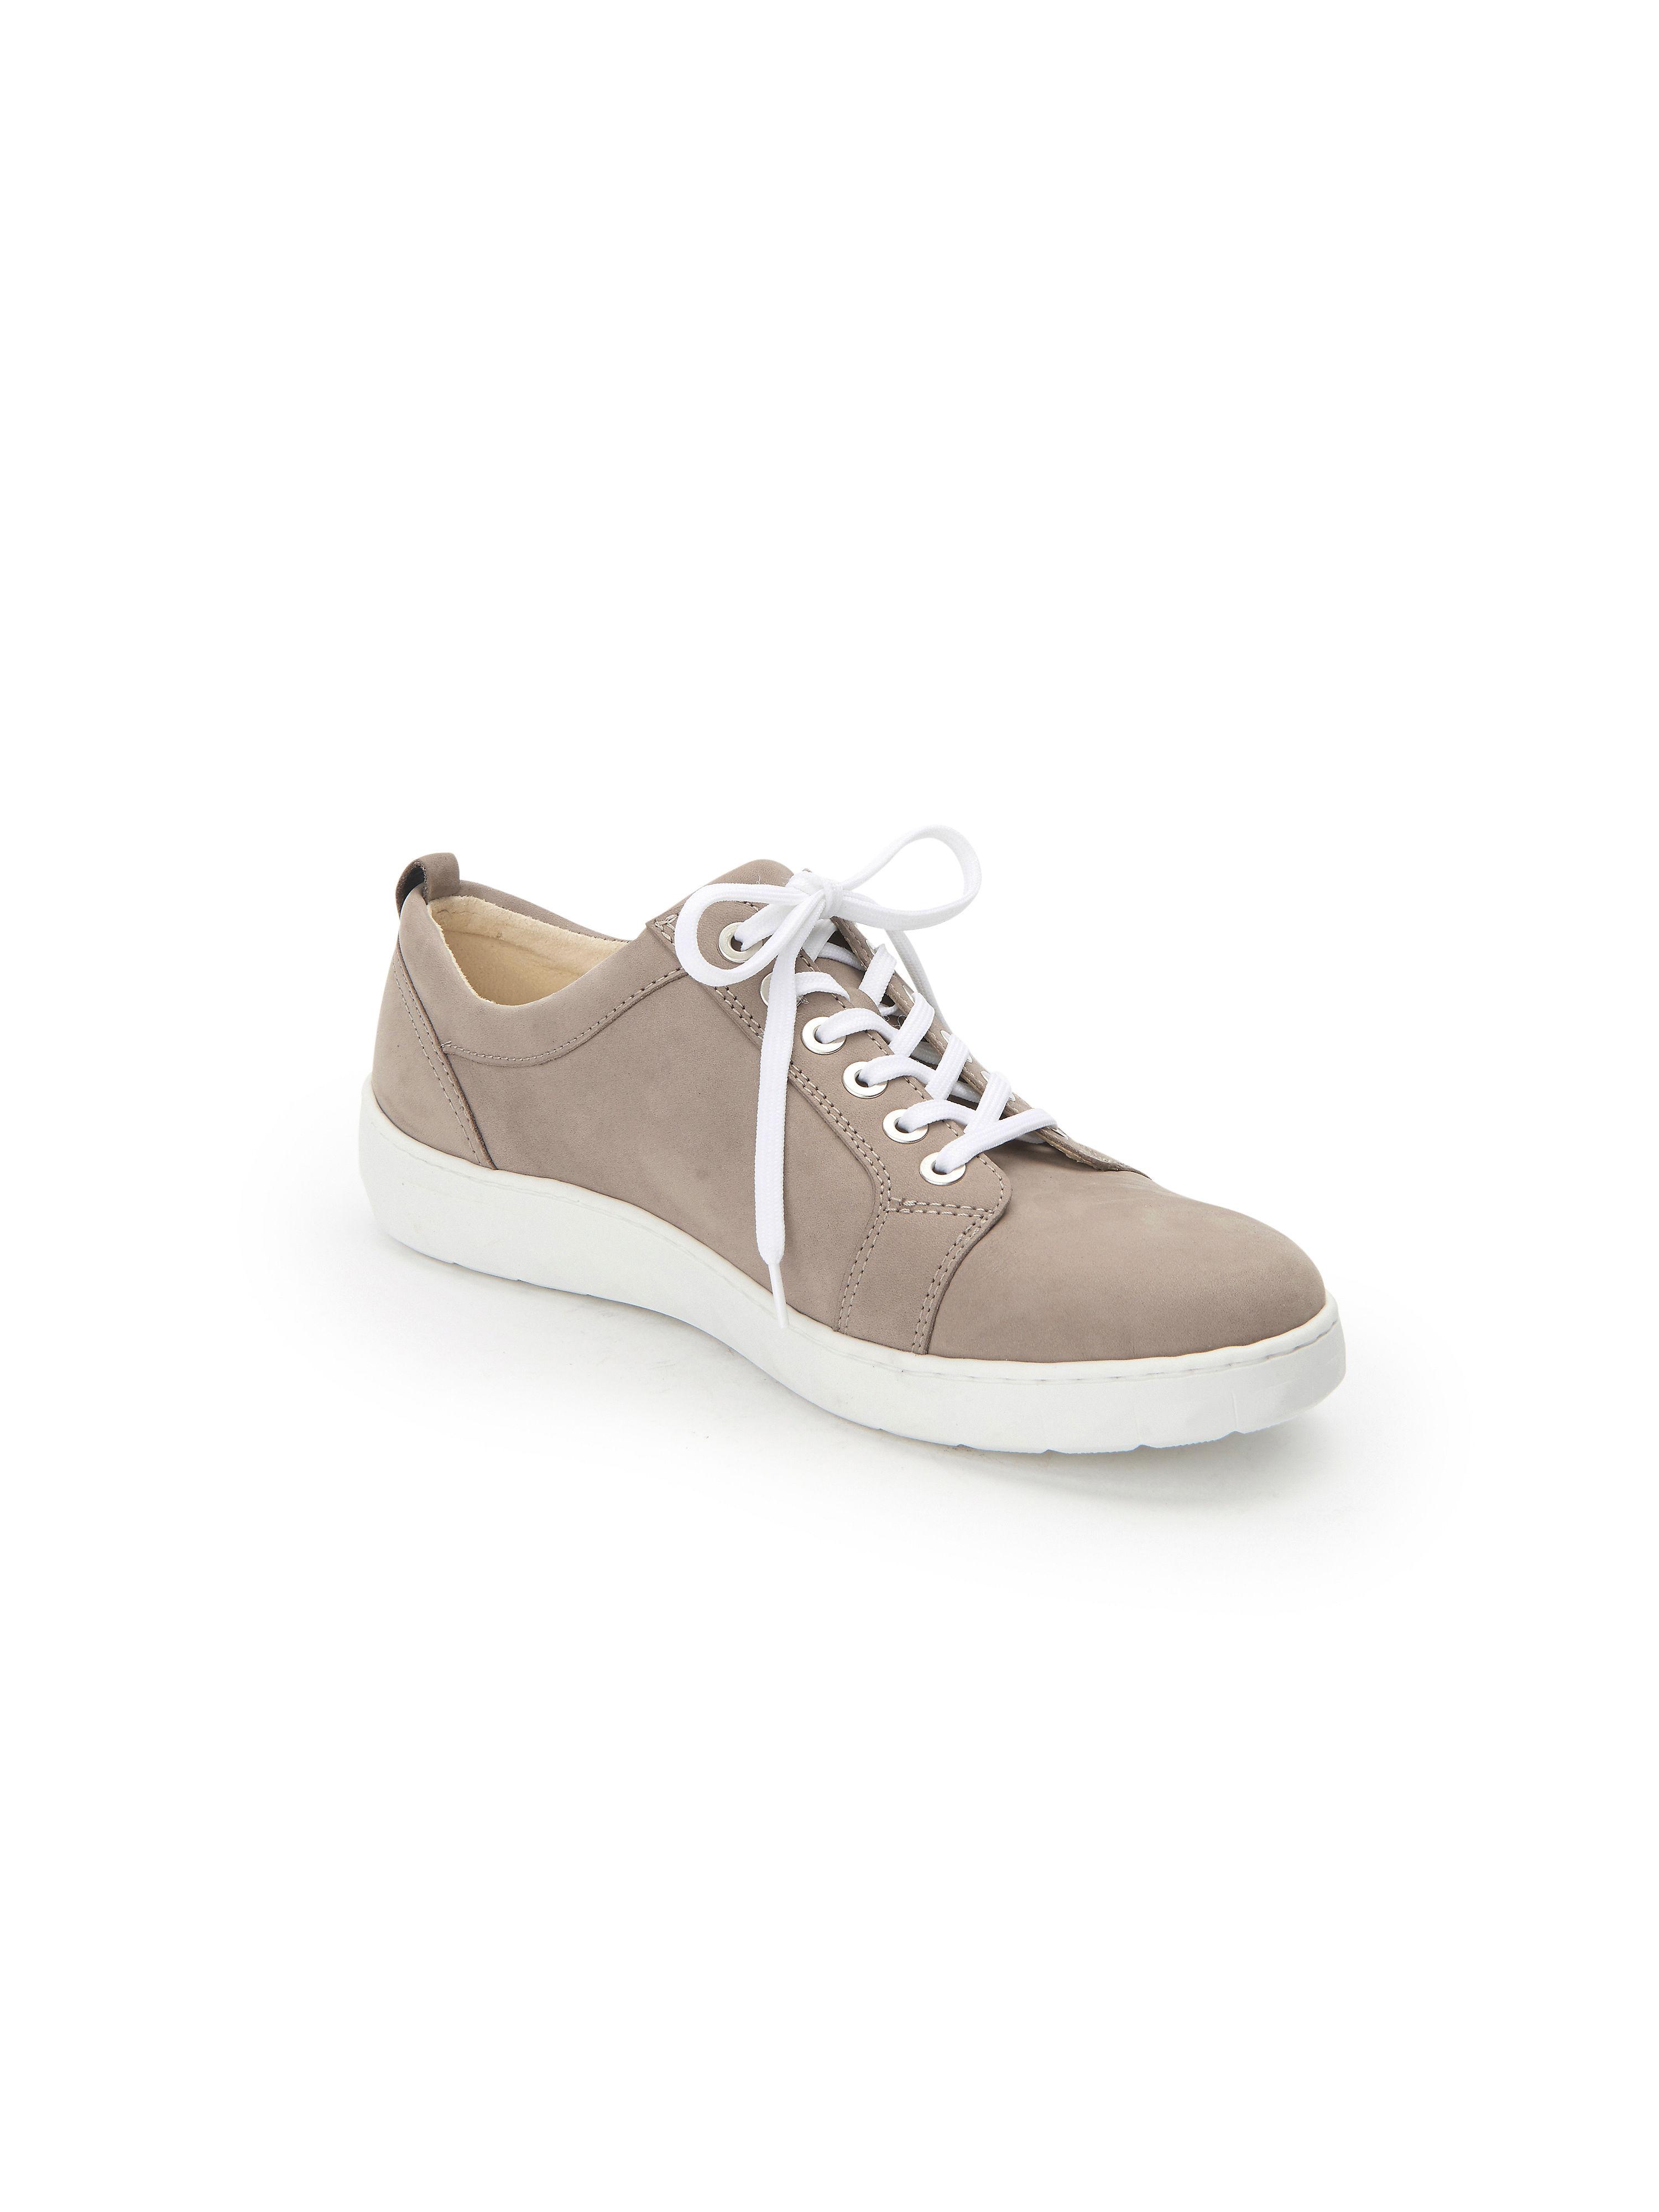 Waldläufer - Sneaker Herne aus 100% Leder - Sand Gute Qualität beliebte Schuhe